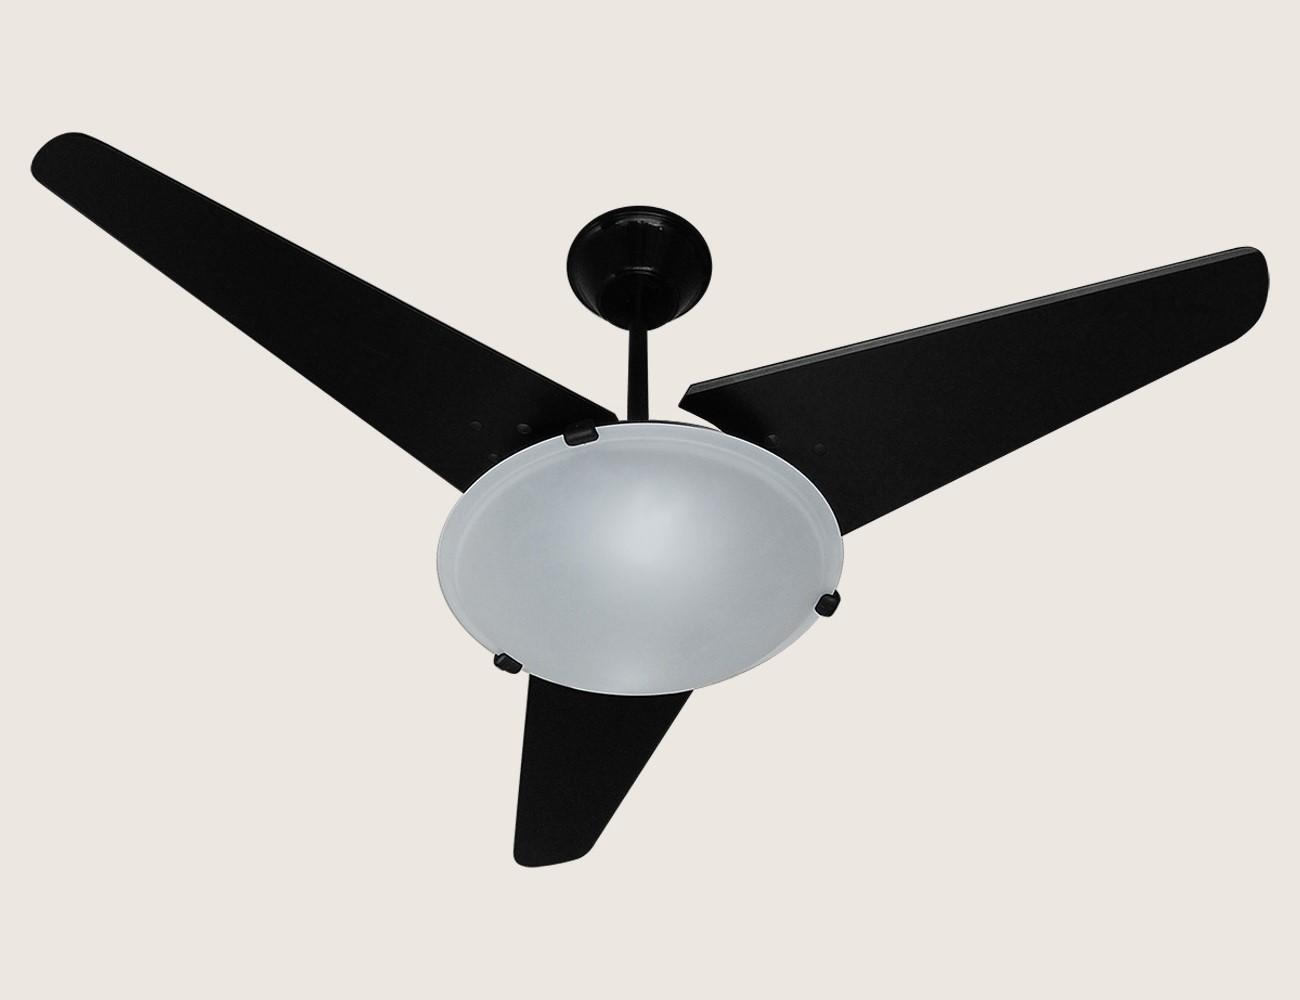 Ventilador Teto Samatra 3 Pás 127V - Preto